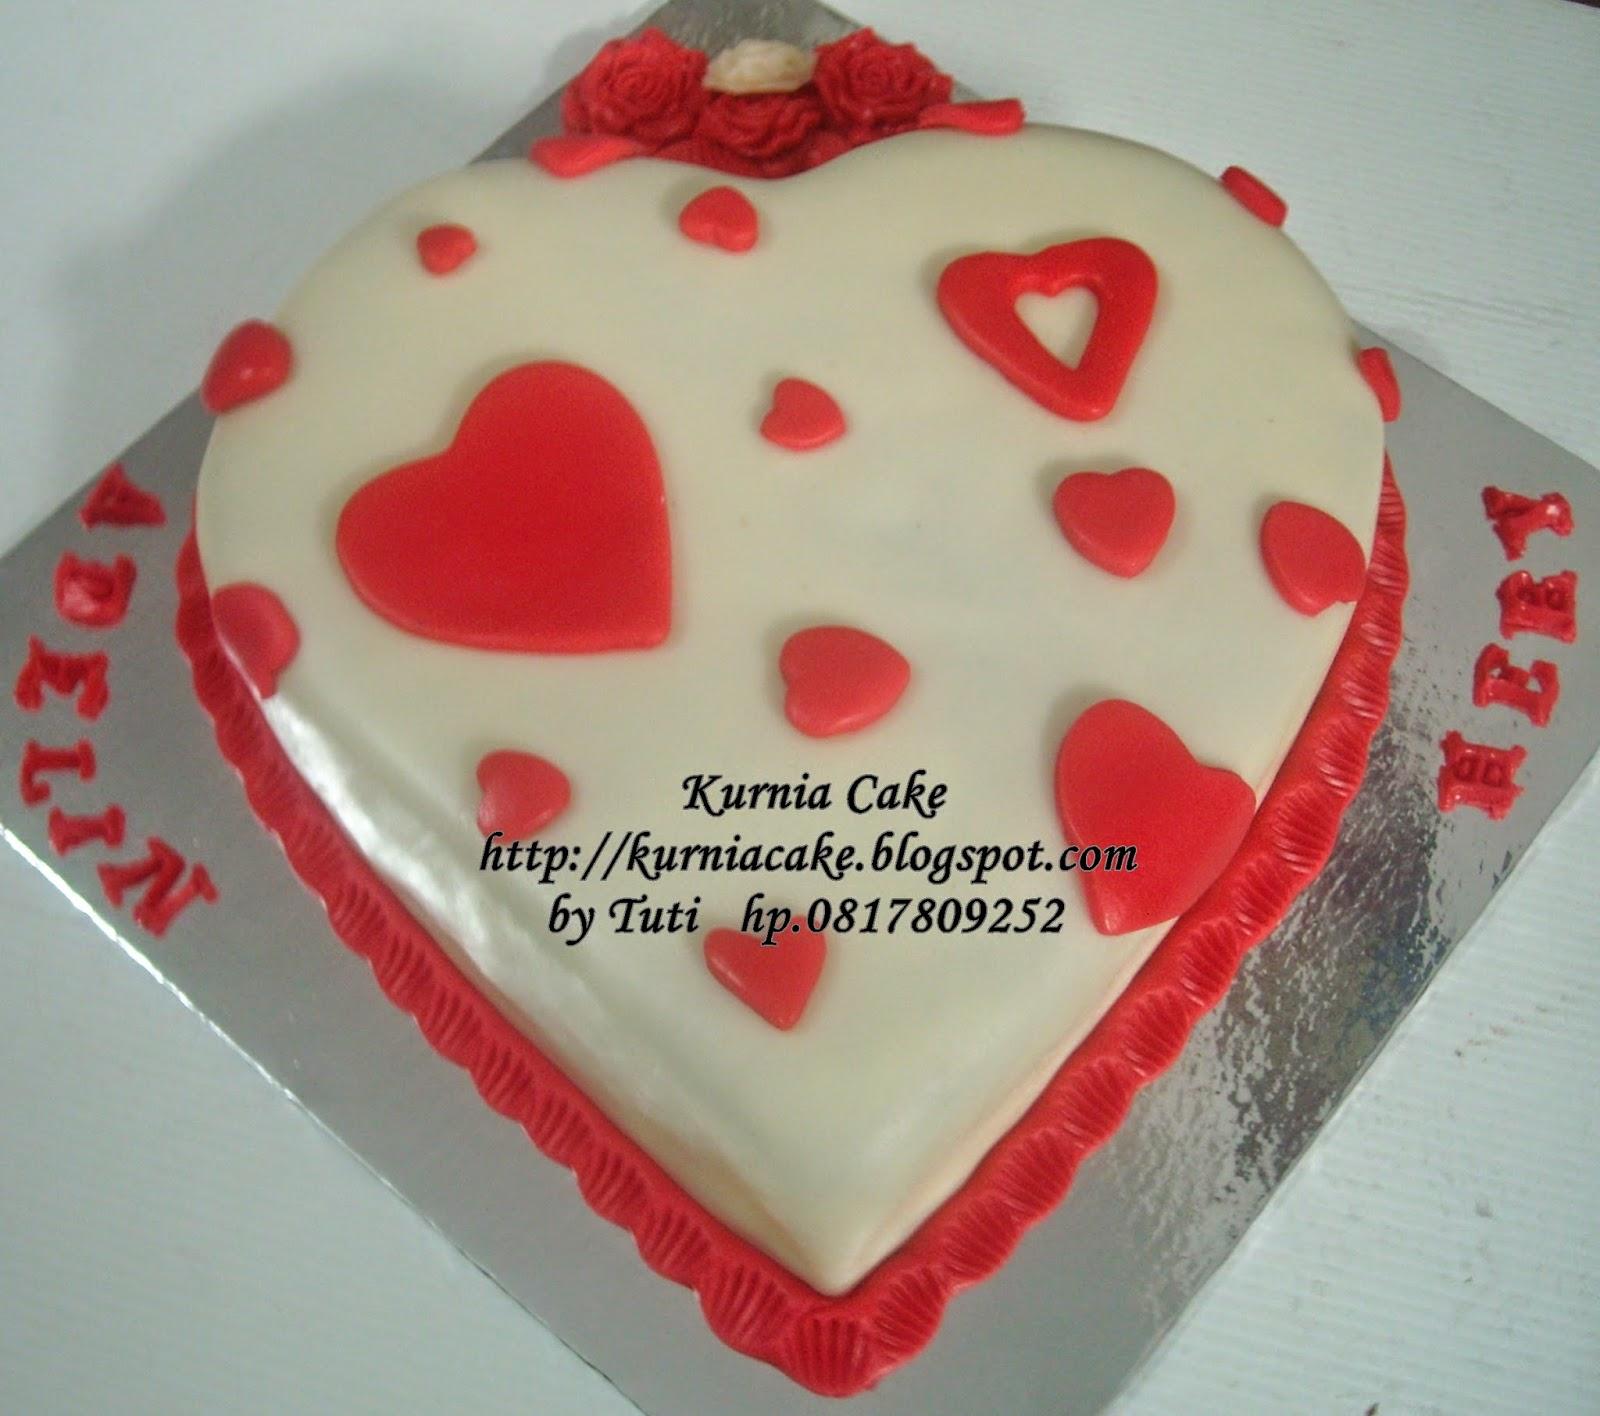 Daftar Harga Kurnia Cake